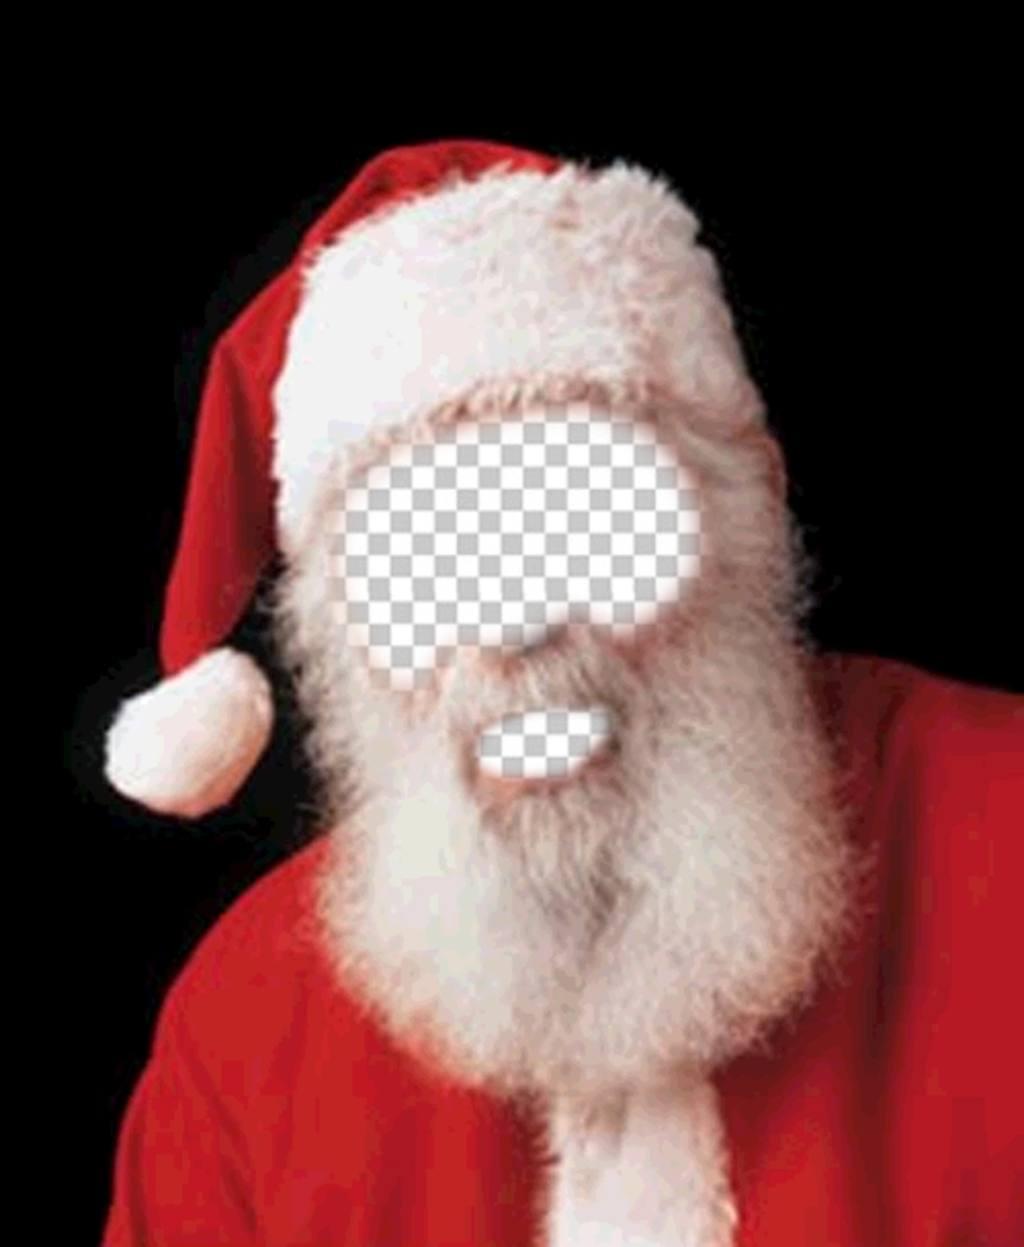 Foto montaje de disfraz de Papá Noel para esta navidad